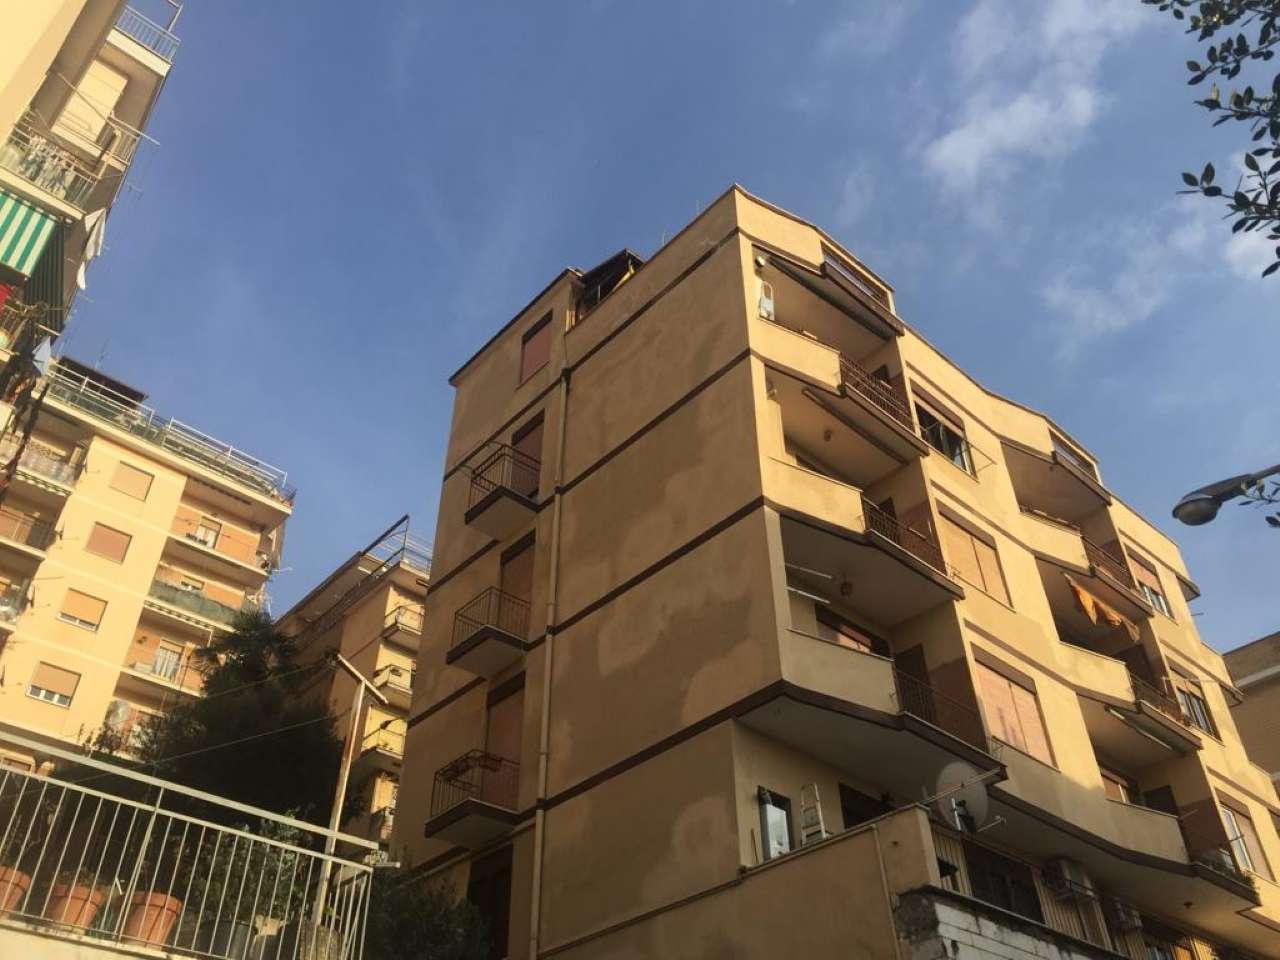 Appartamento in vendita a Tivoli, 4 locali, prezzo € 99.000 | CambioCasa.it